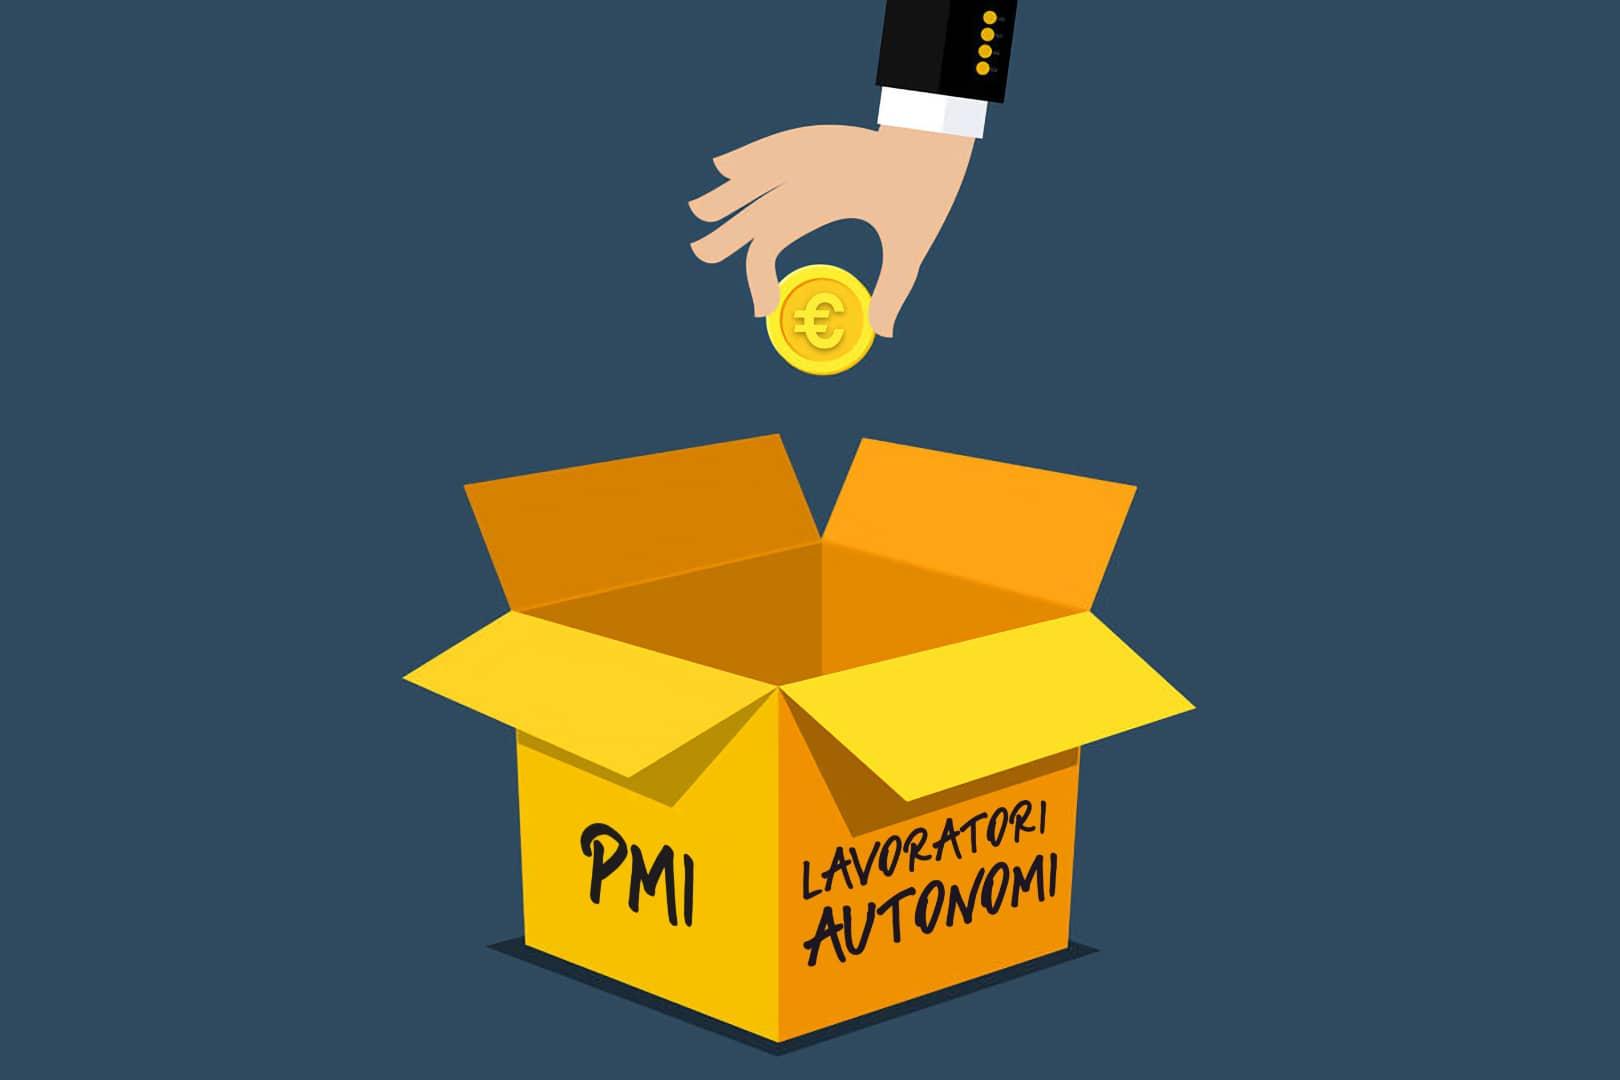 Contributi a fondo perduto per PMI e autonomi (ma non tutti)